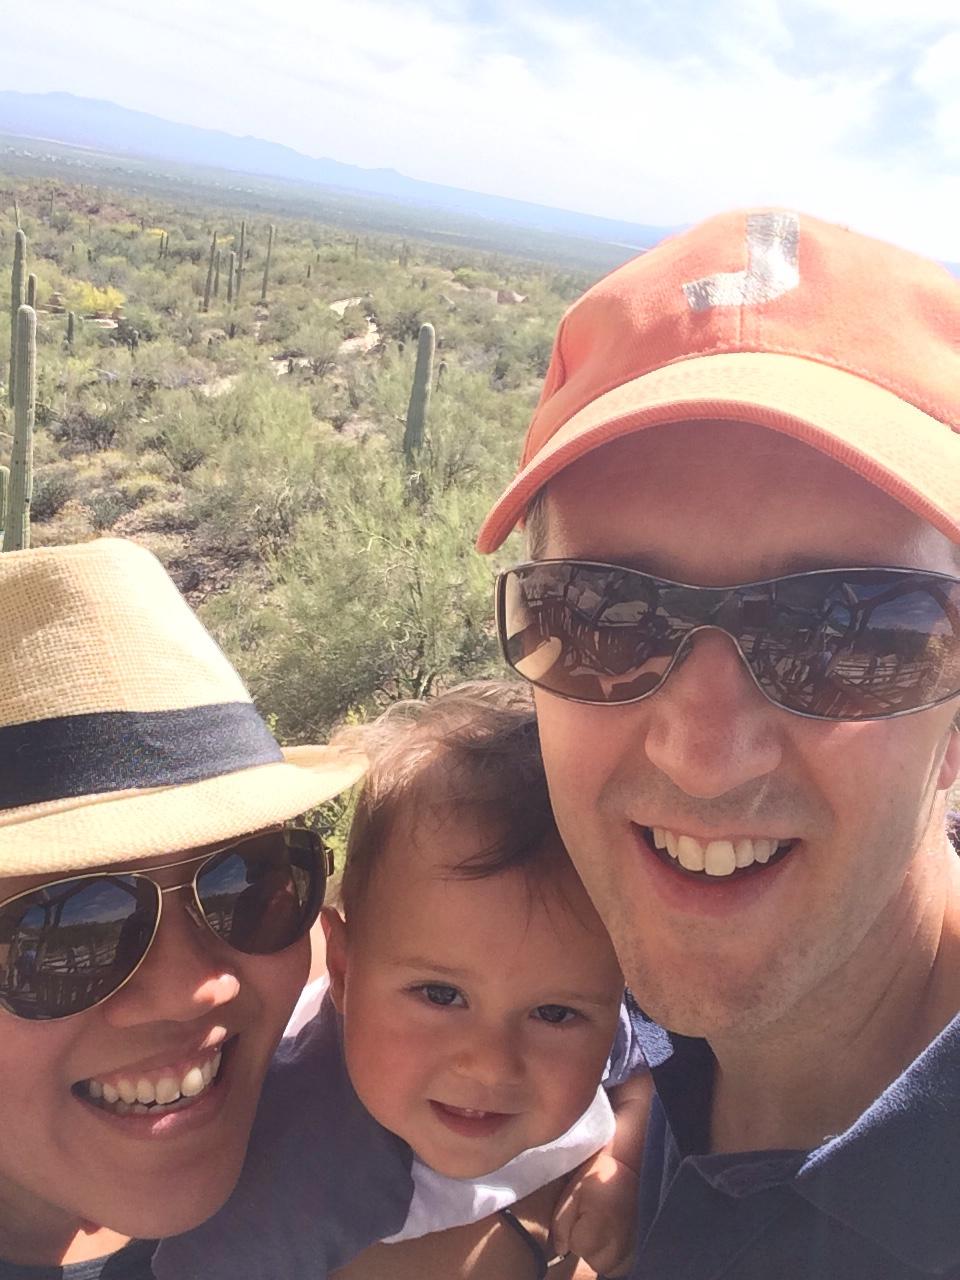 Desert family selfie